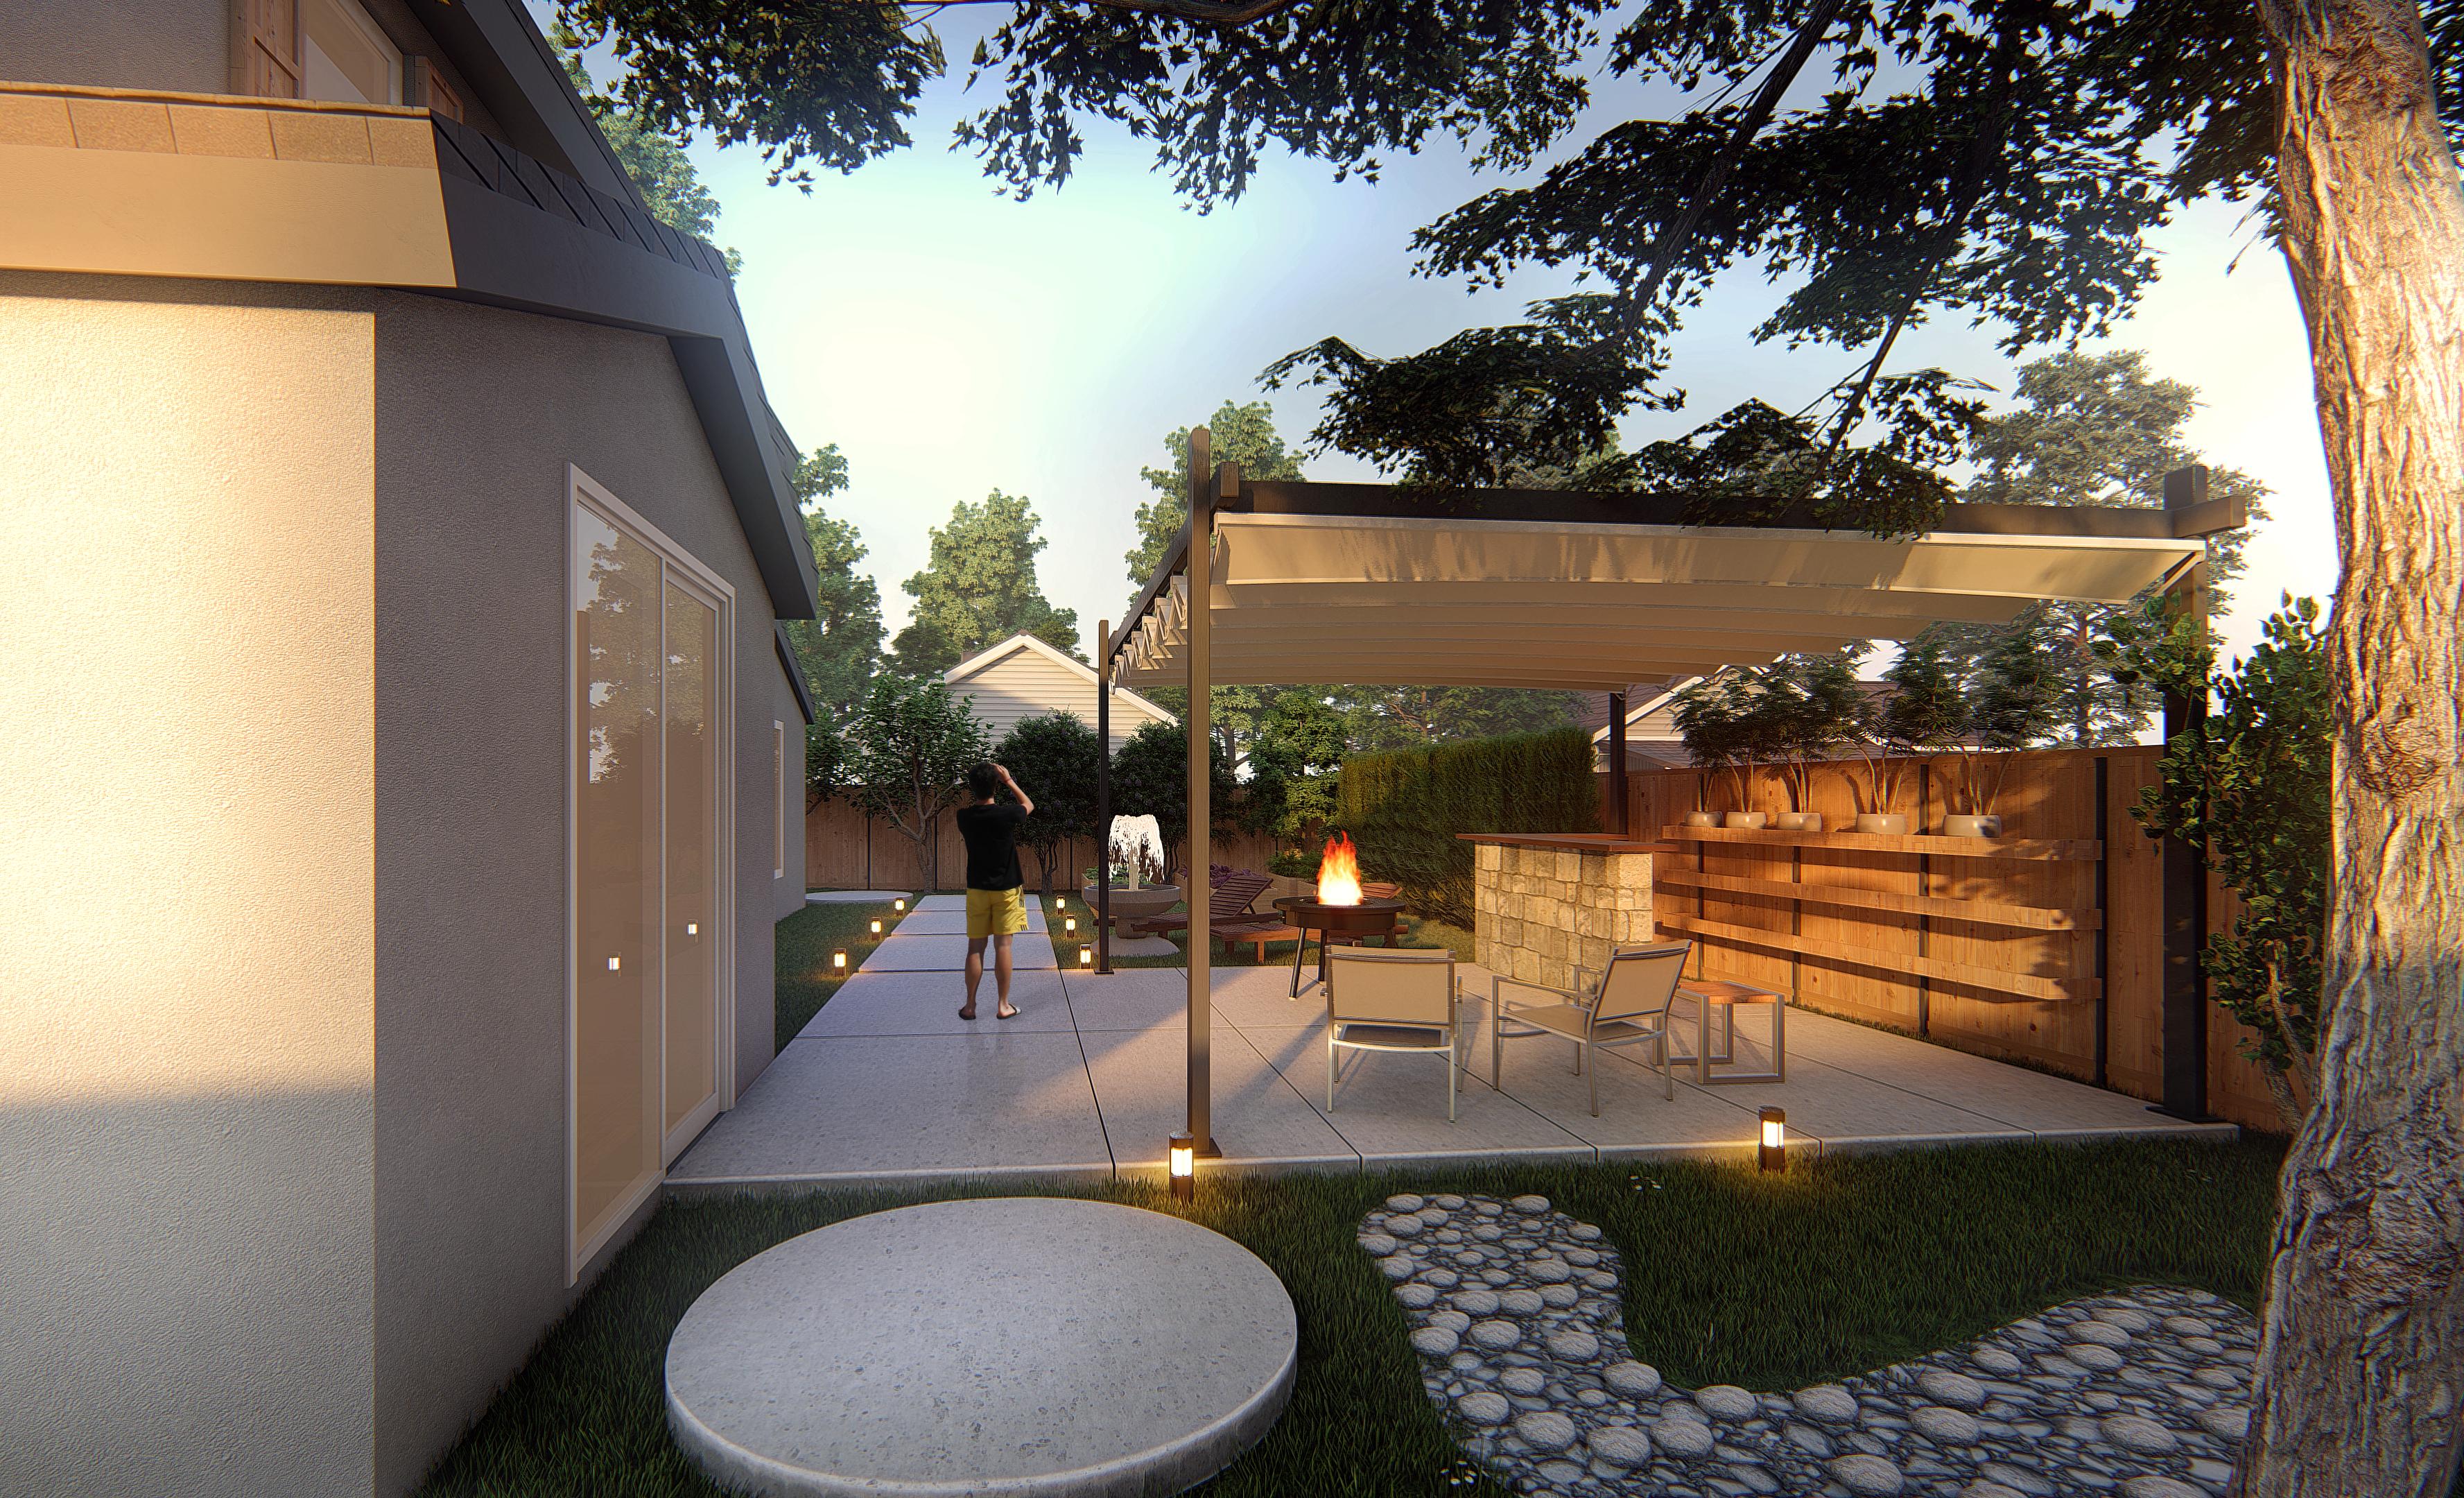 ✨Fresh Landscape 🌴 Architecture 🏛️Project ✨